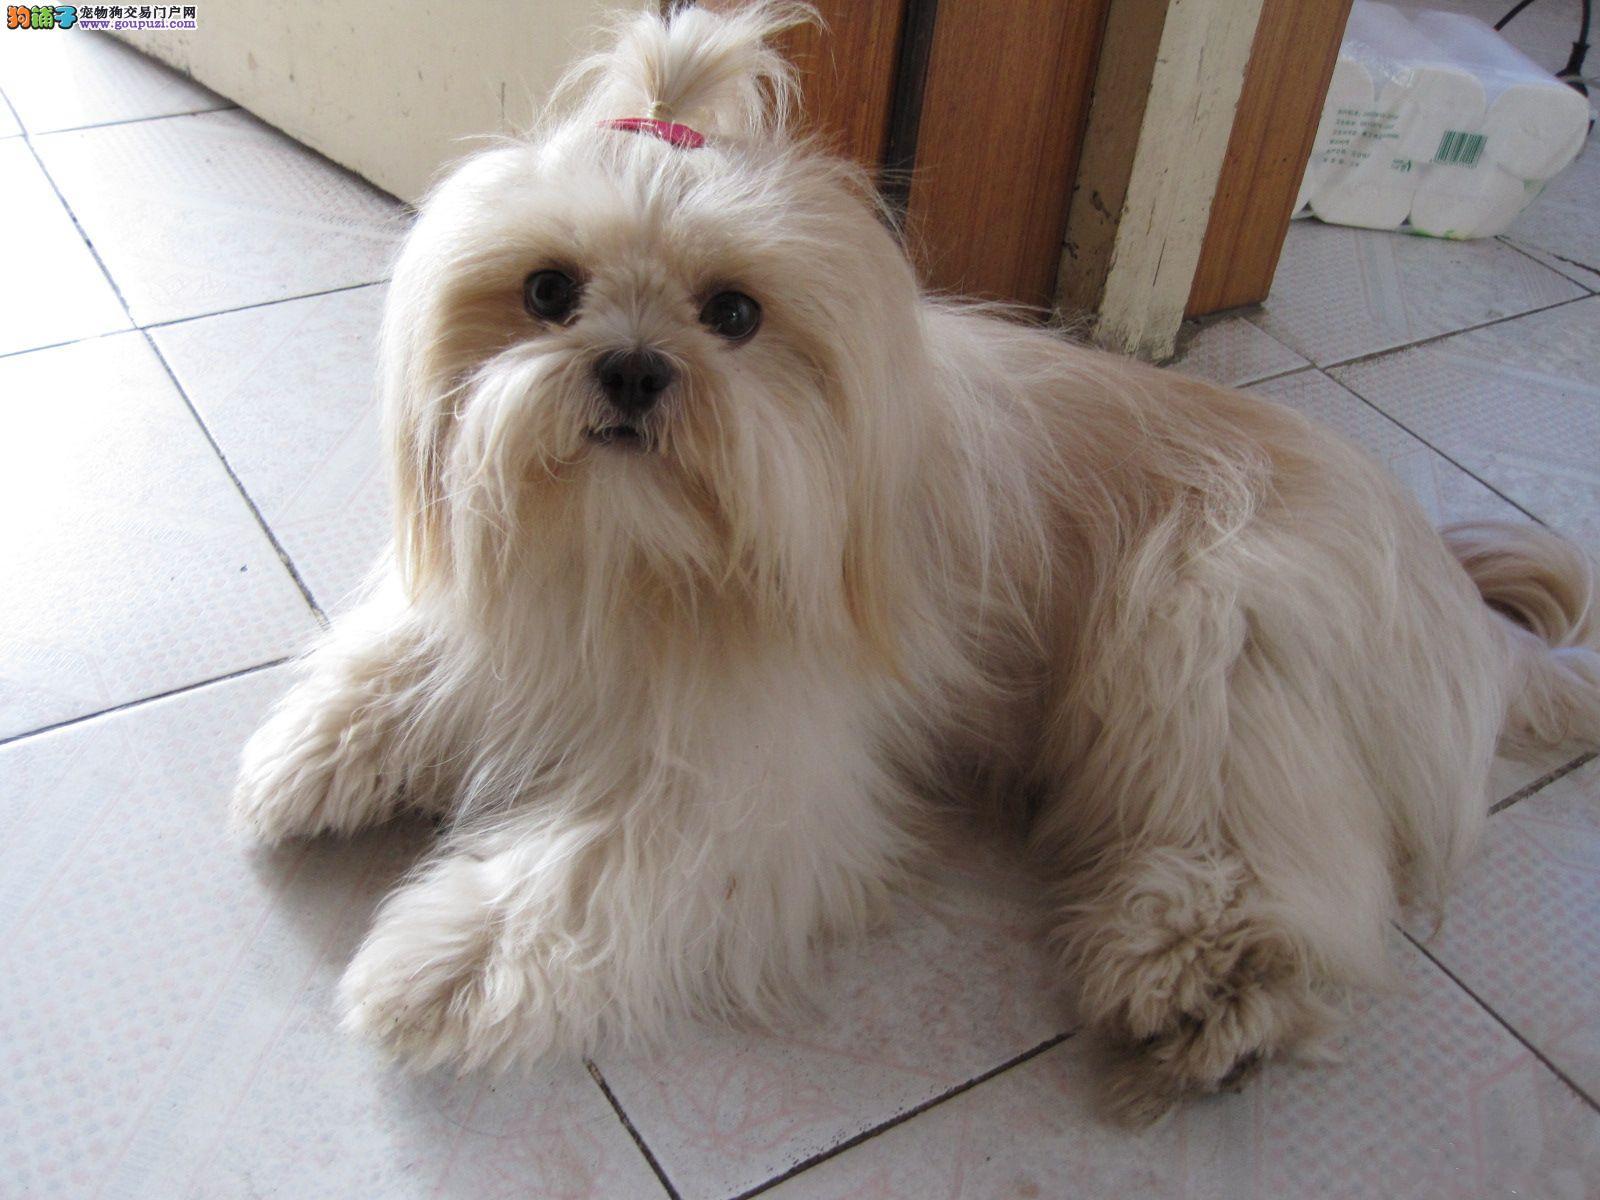 湘潭可爱漂亮的西施犬幼犬 高端大气 纯种精品赛级